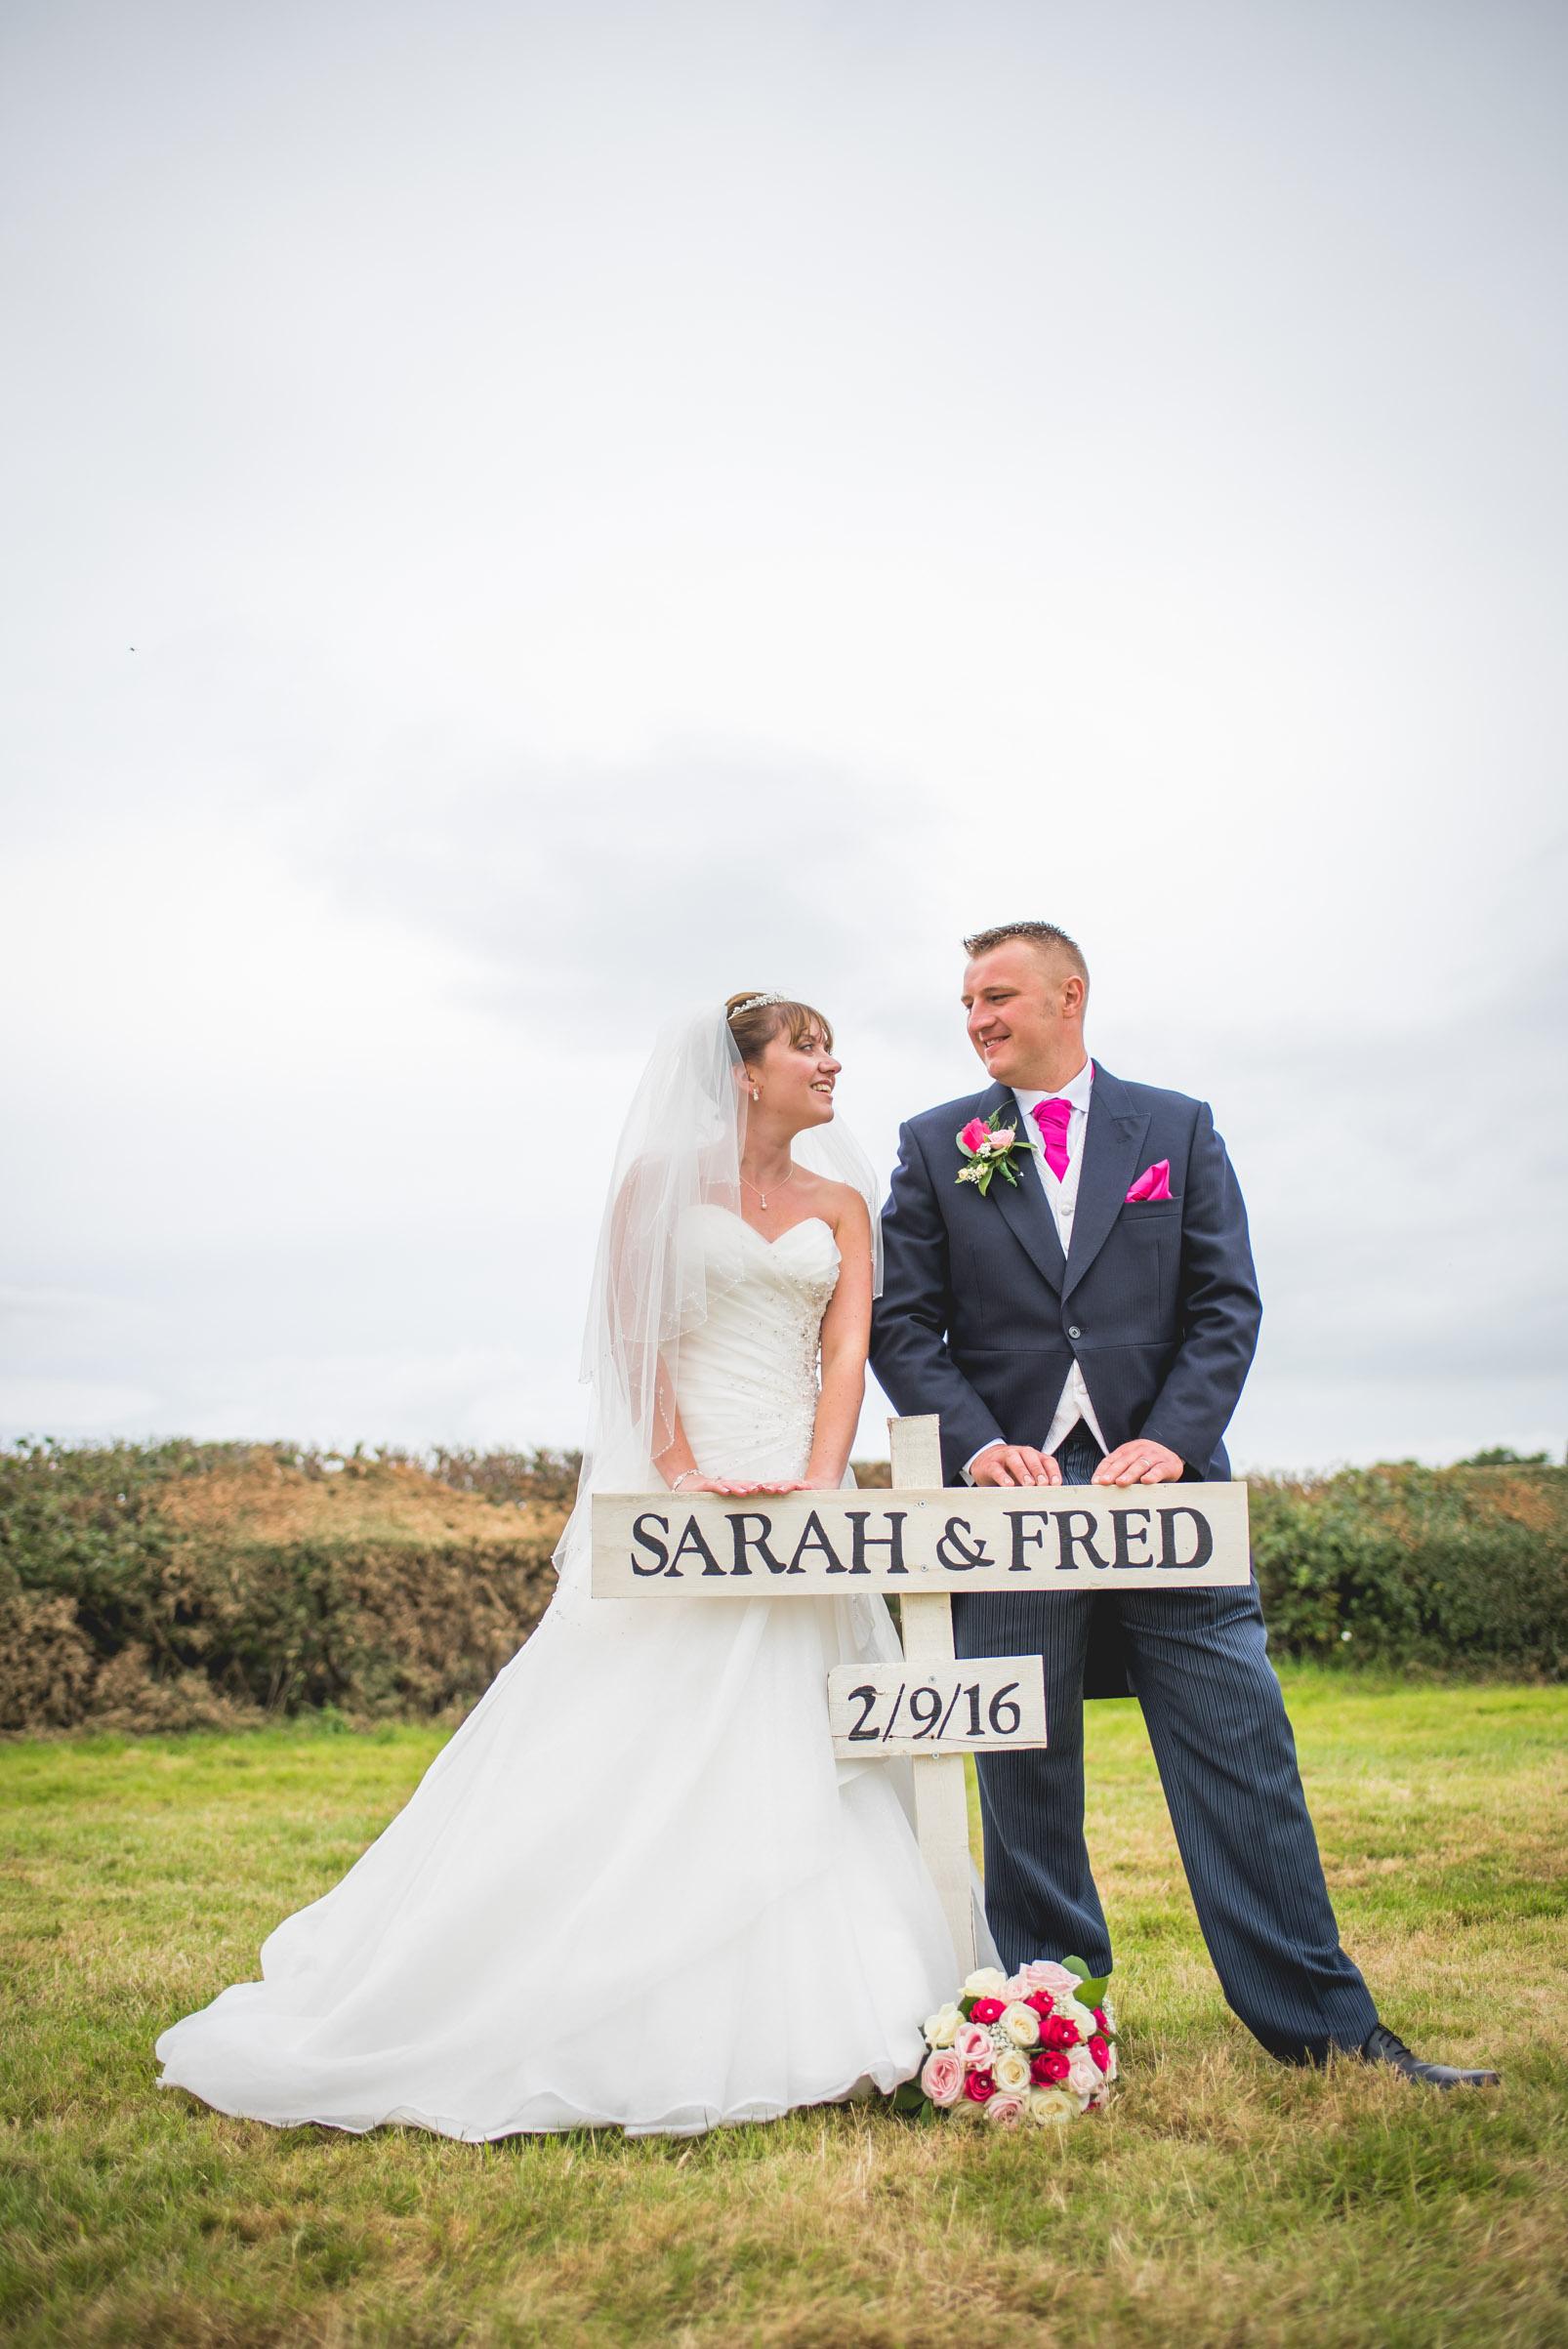 Farm-wedding-staffordshire-st-marys-catholic-church-uttoxter-81.jpg